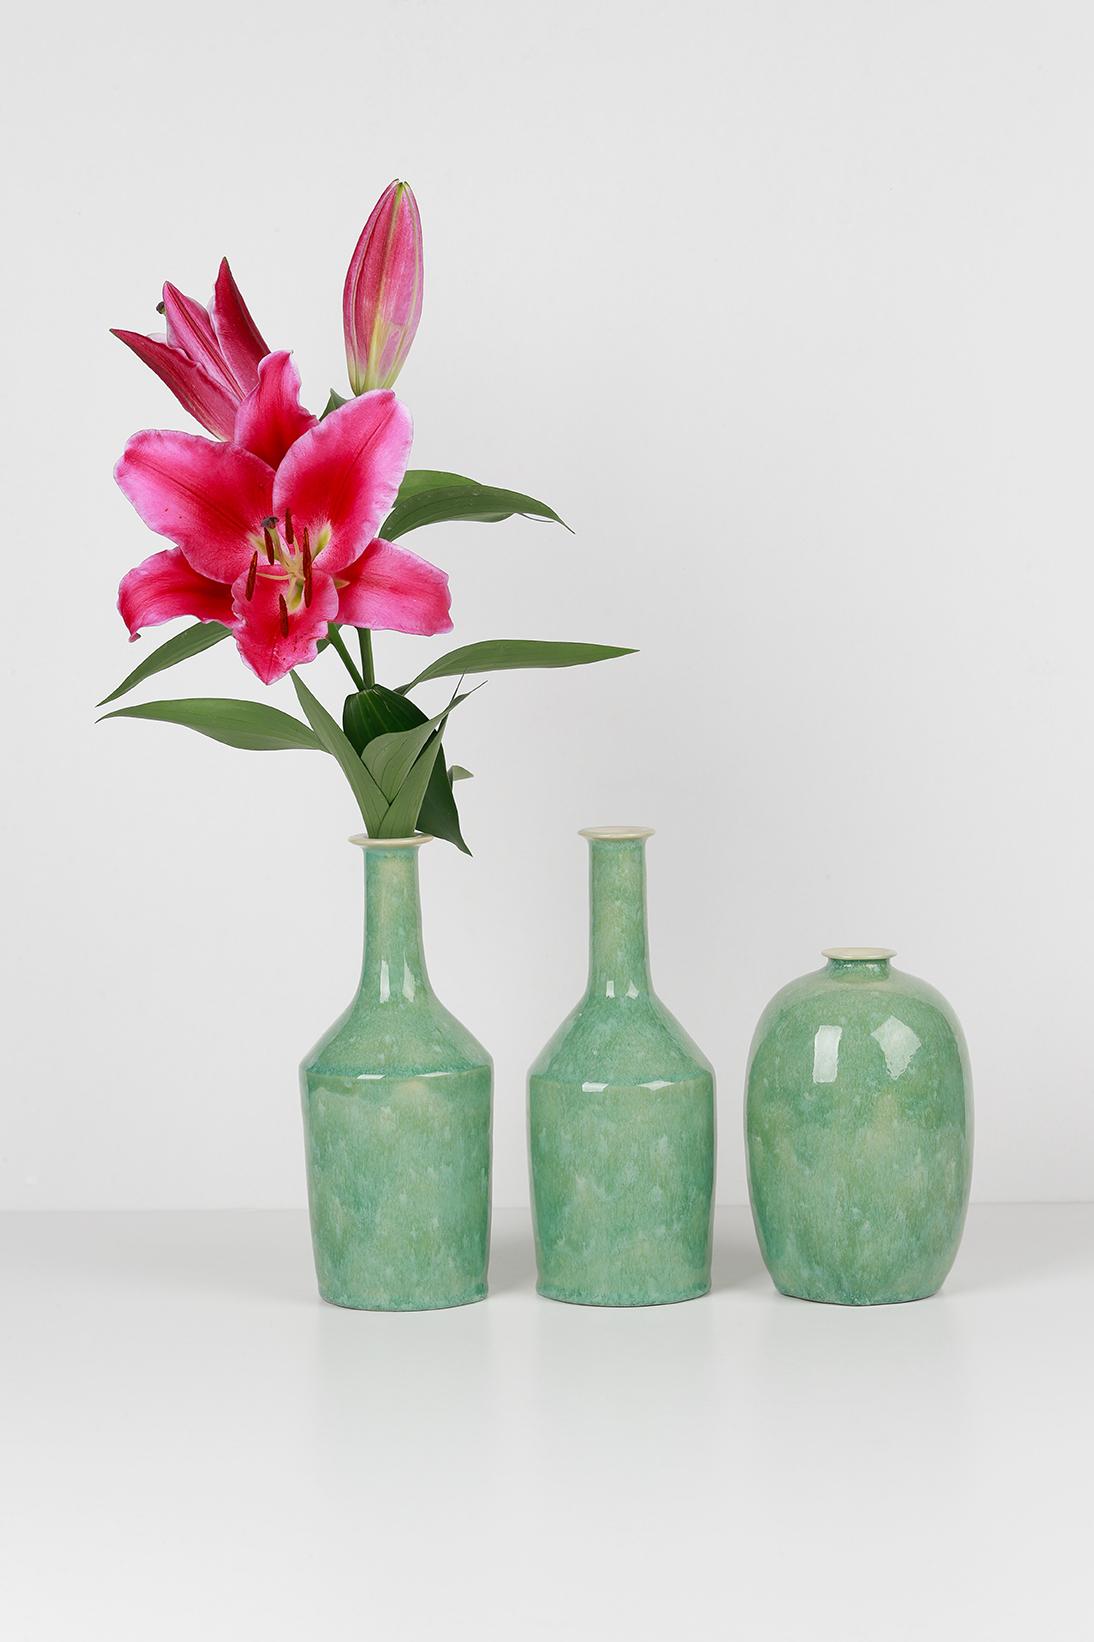 Composition de la collection LACTÉE - Trois grands vases - Émail vert foncé et fleur rose